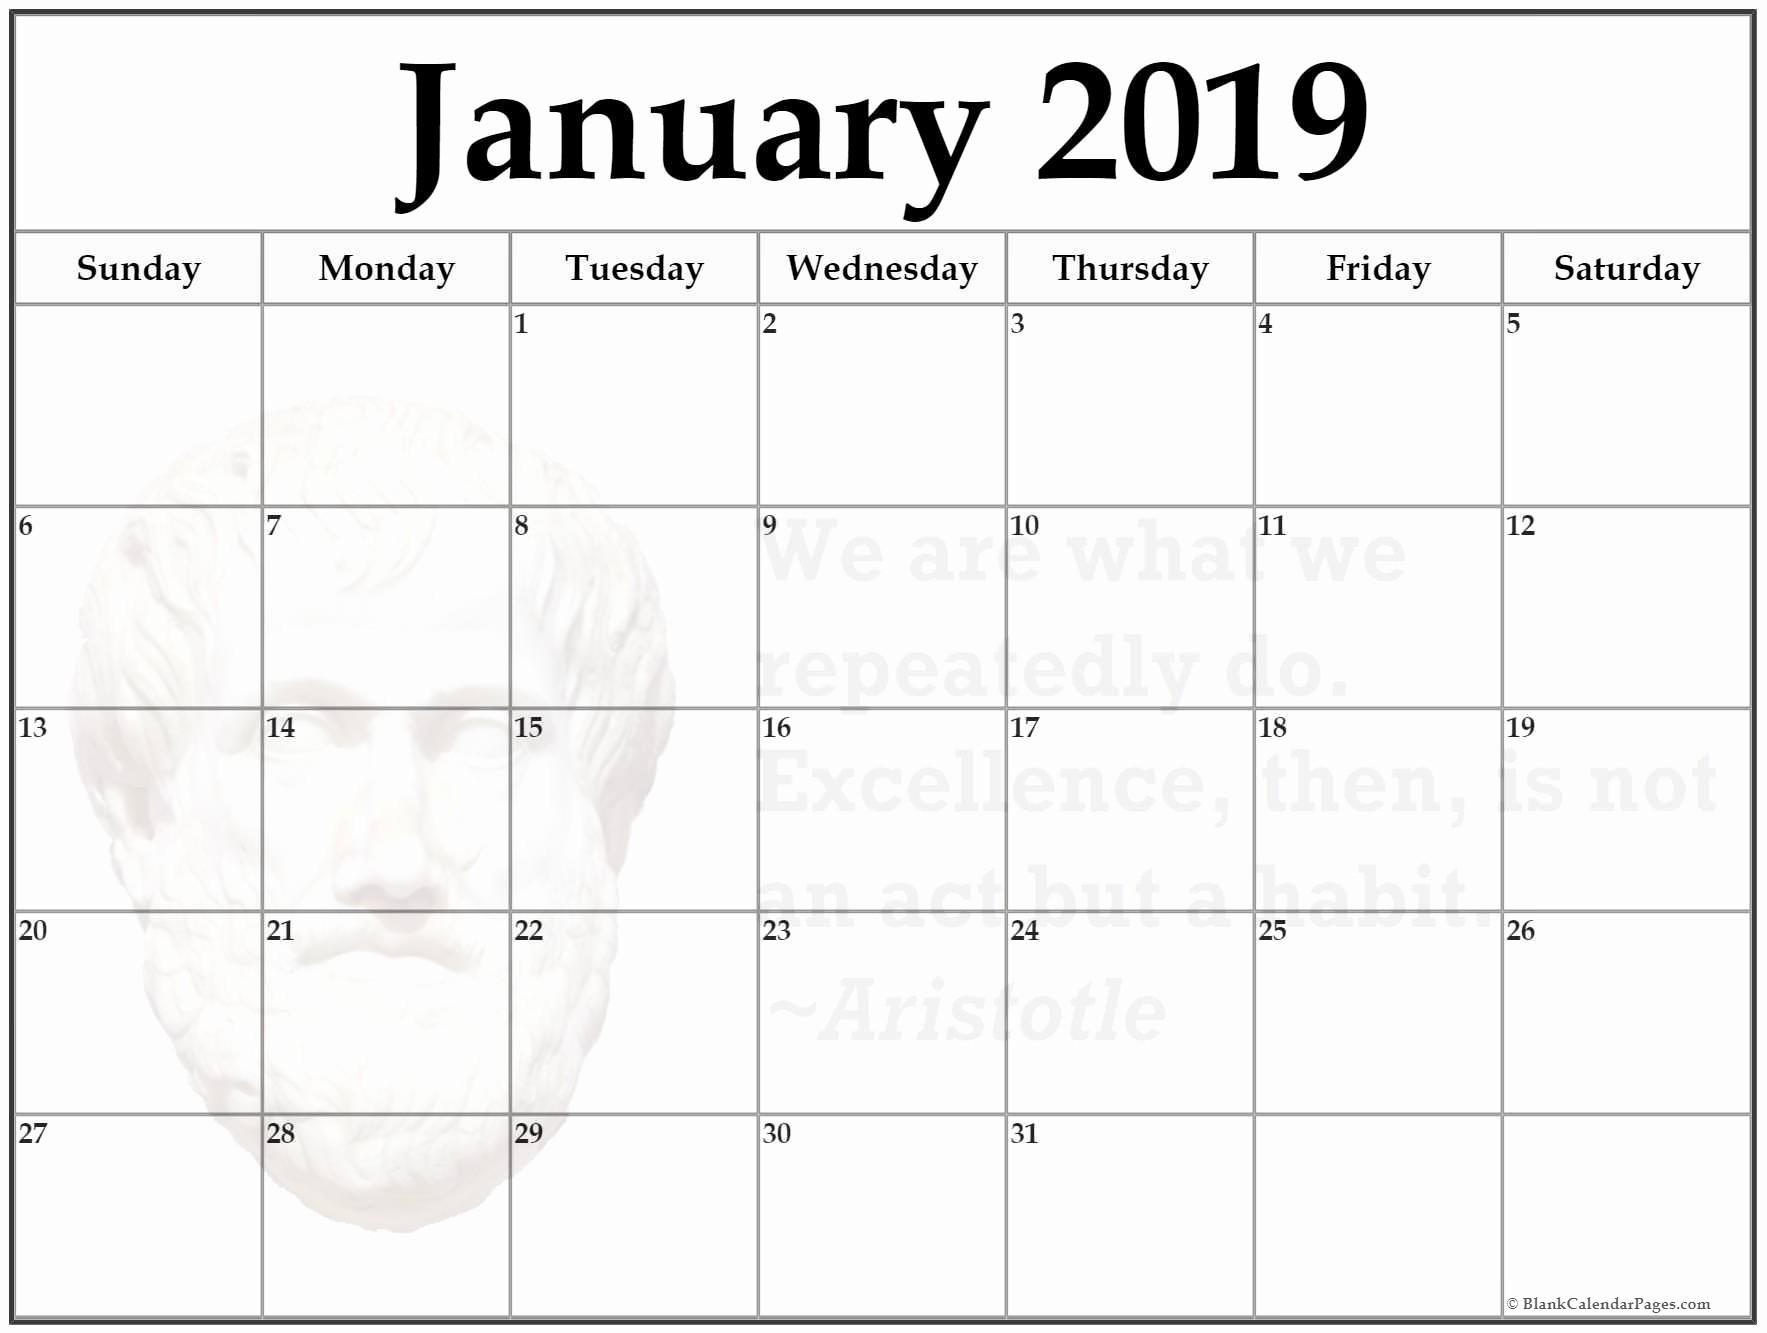 Free Printable Weekly Calendar 2019 January 2019 Printable Week Smt